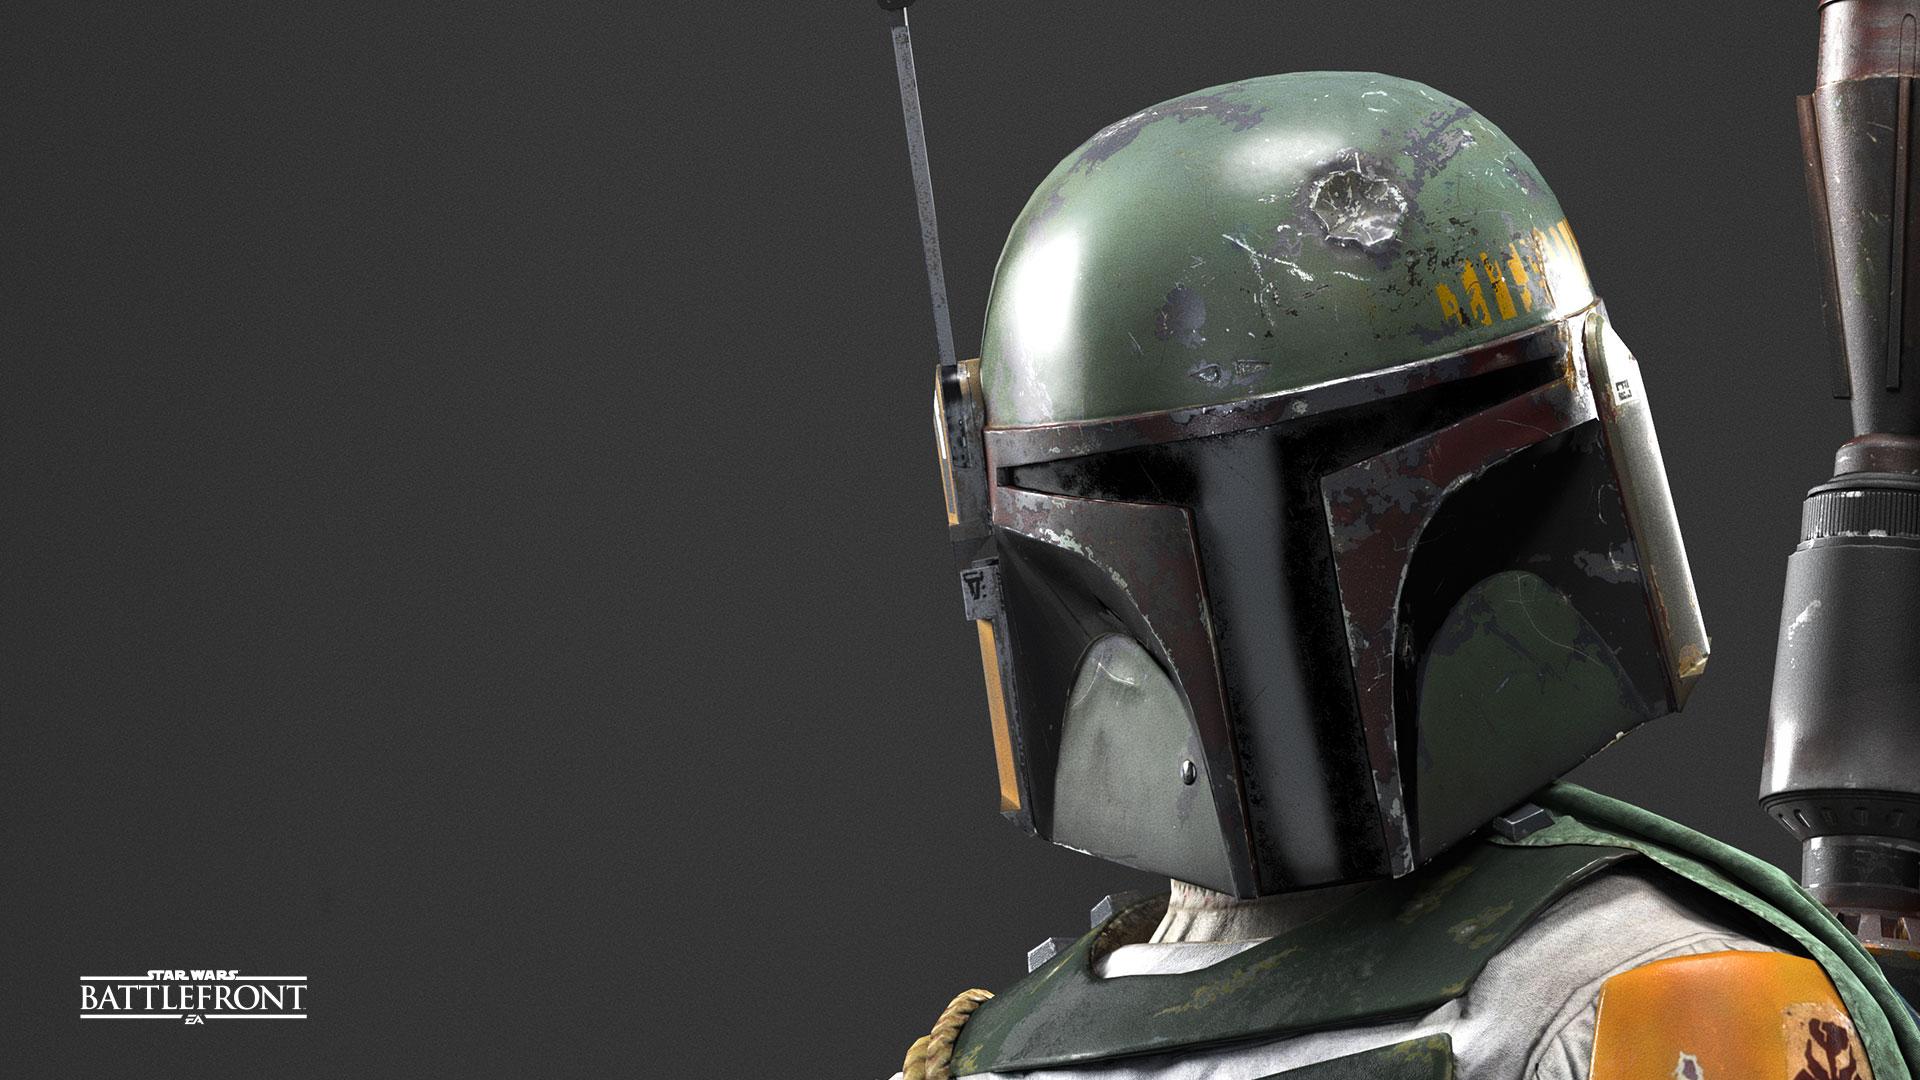 star wars battlefront heroes guide